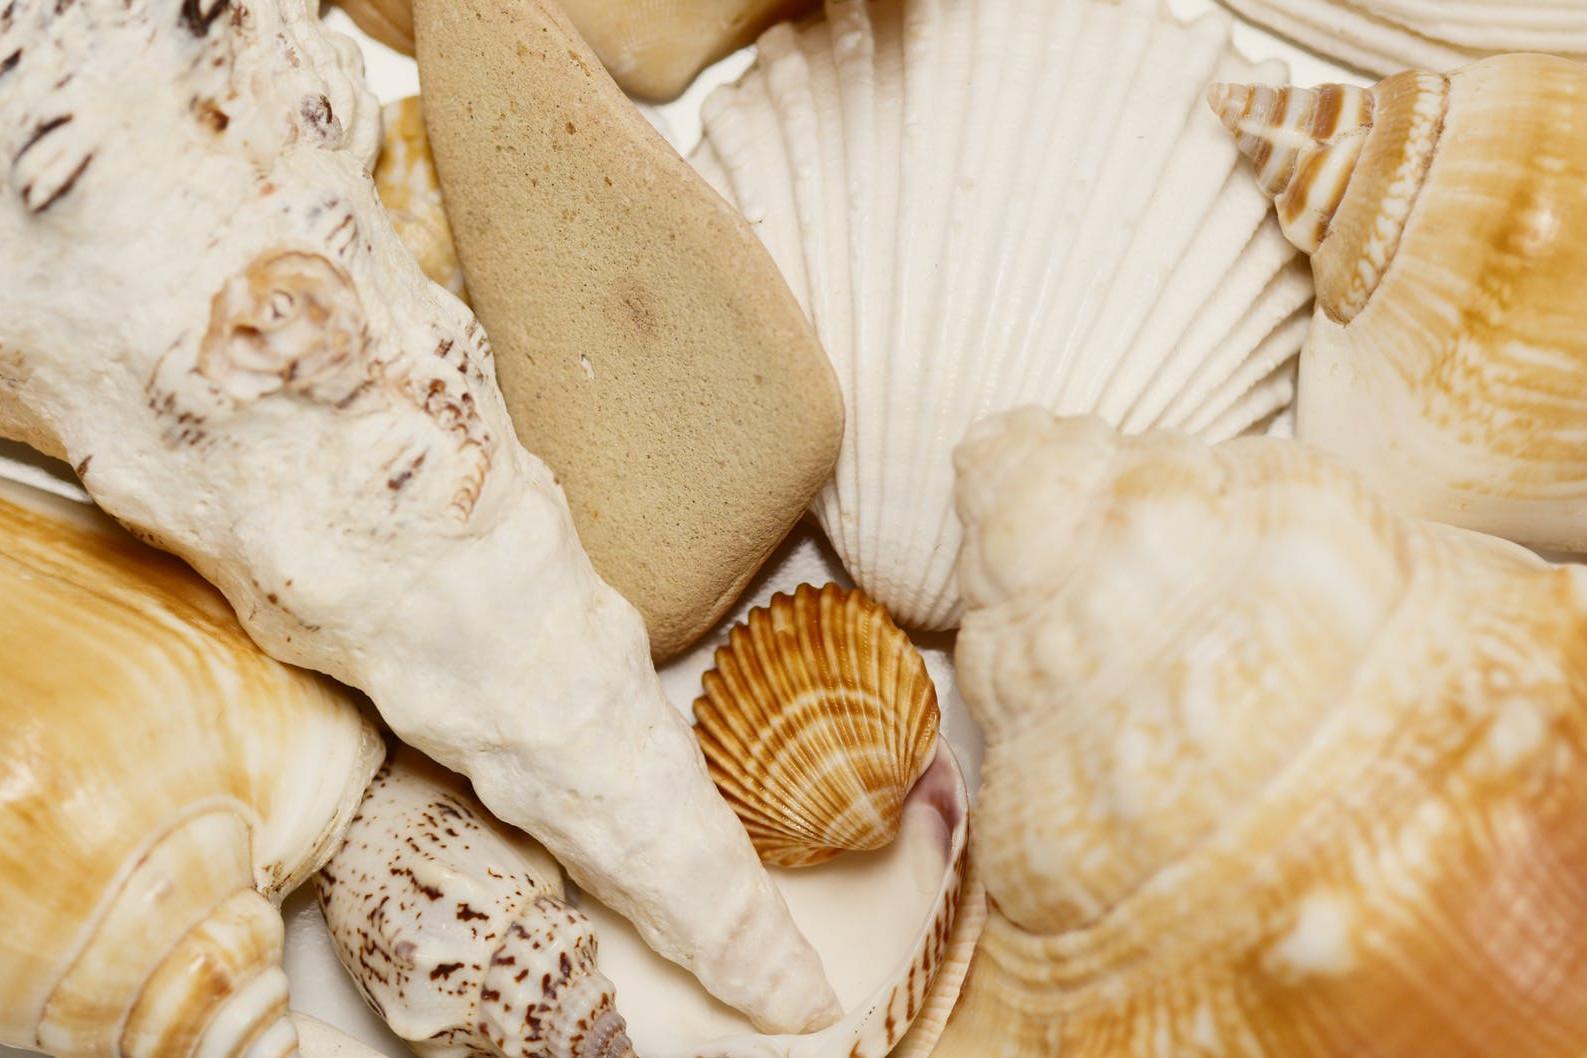 white and brown seashell on white textile